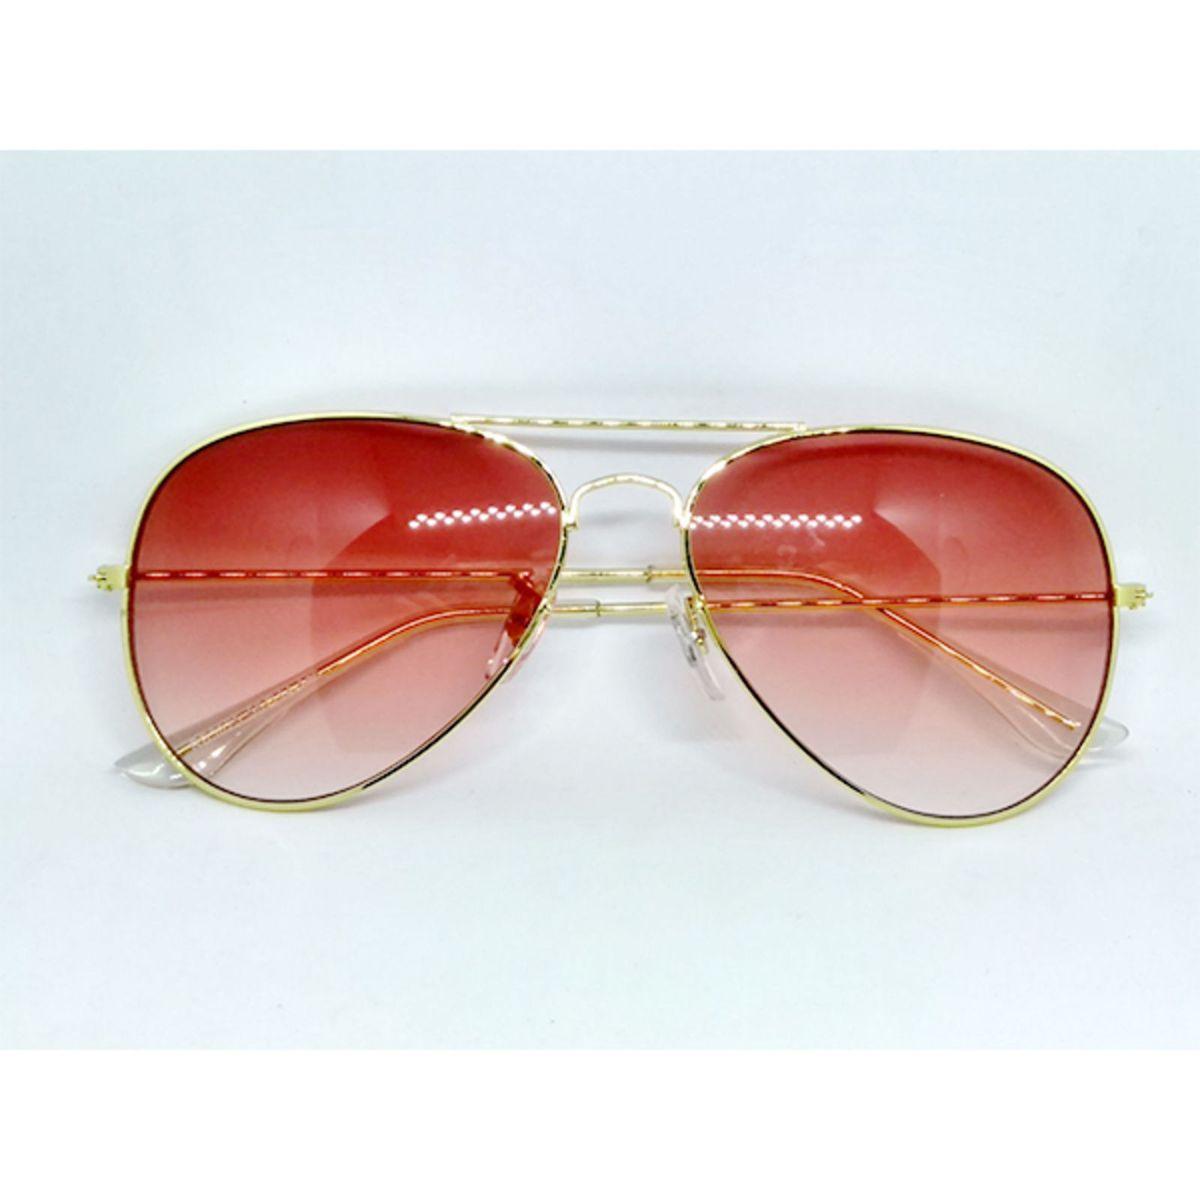 e9af41fed Óculos de Sol Aviador com Lente Degrade Rosa e Transparente | Óculos  Feminino Lecoleto Nunca Usado 29044708 | enjoei